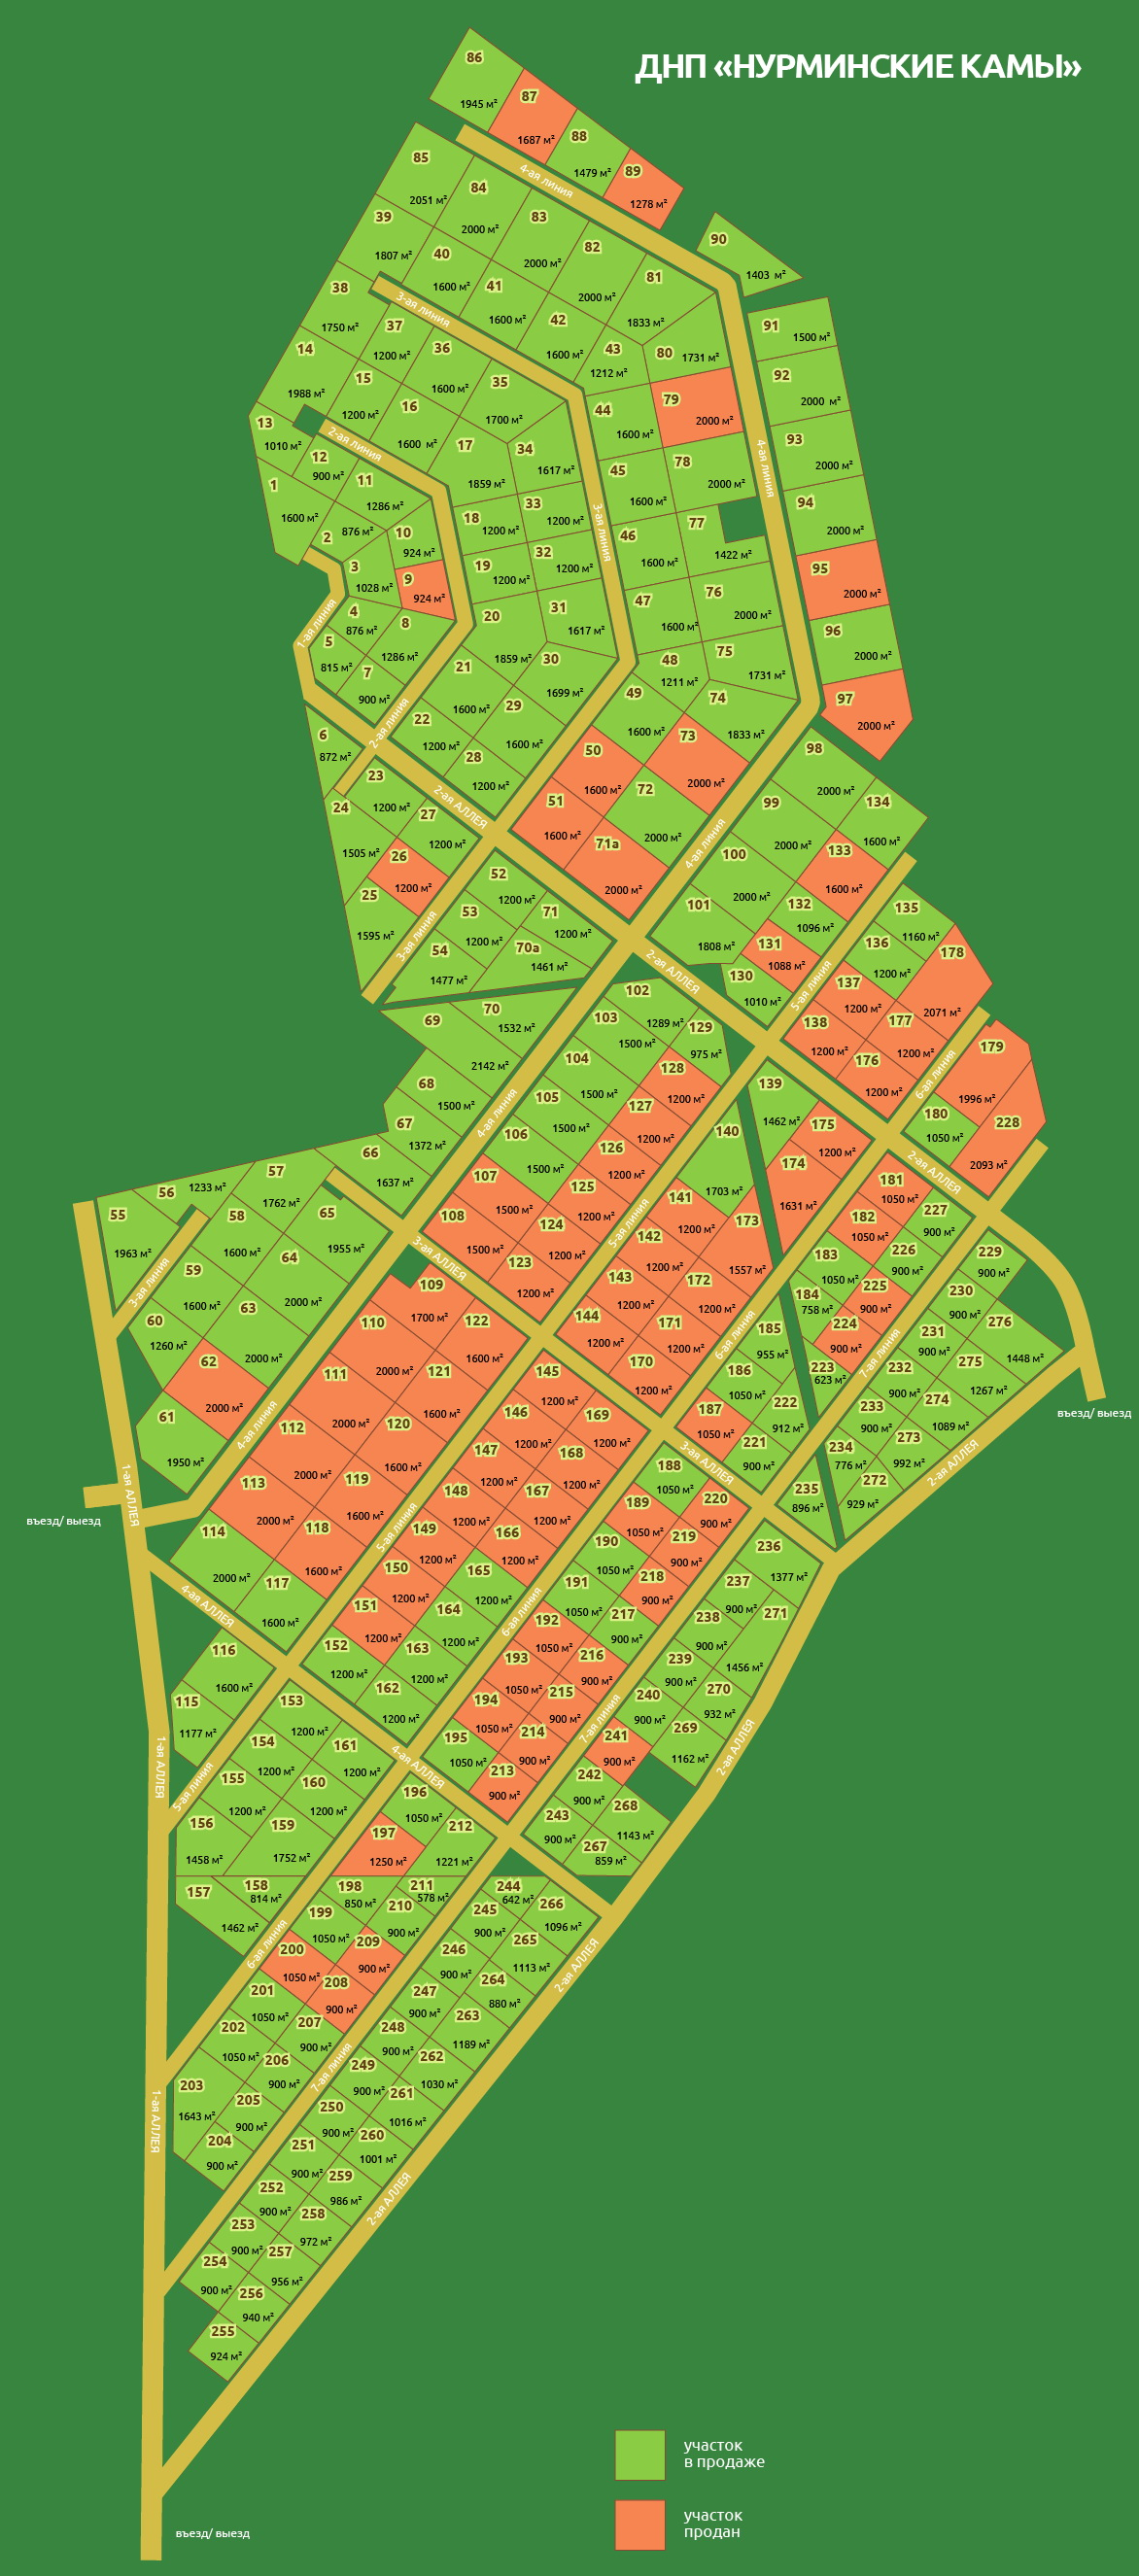 Генеральный план Нурминские Камы